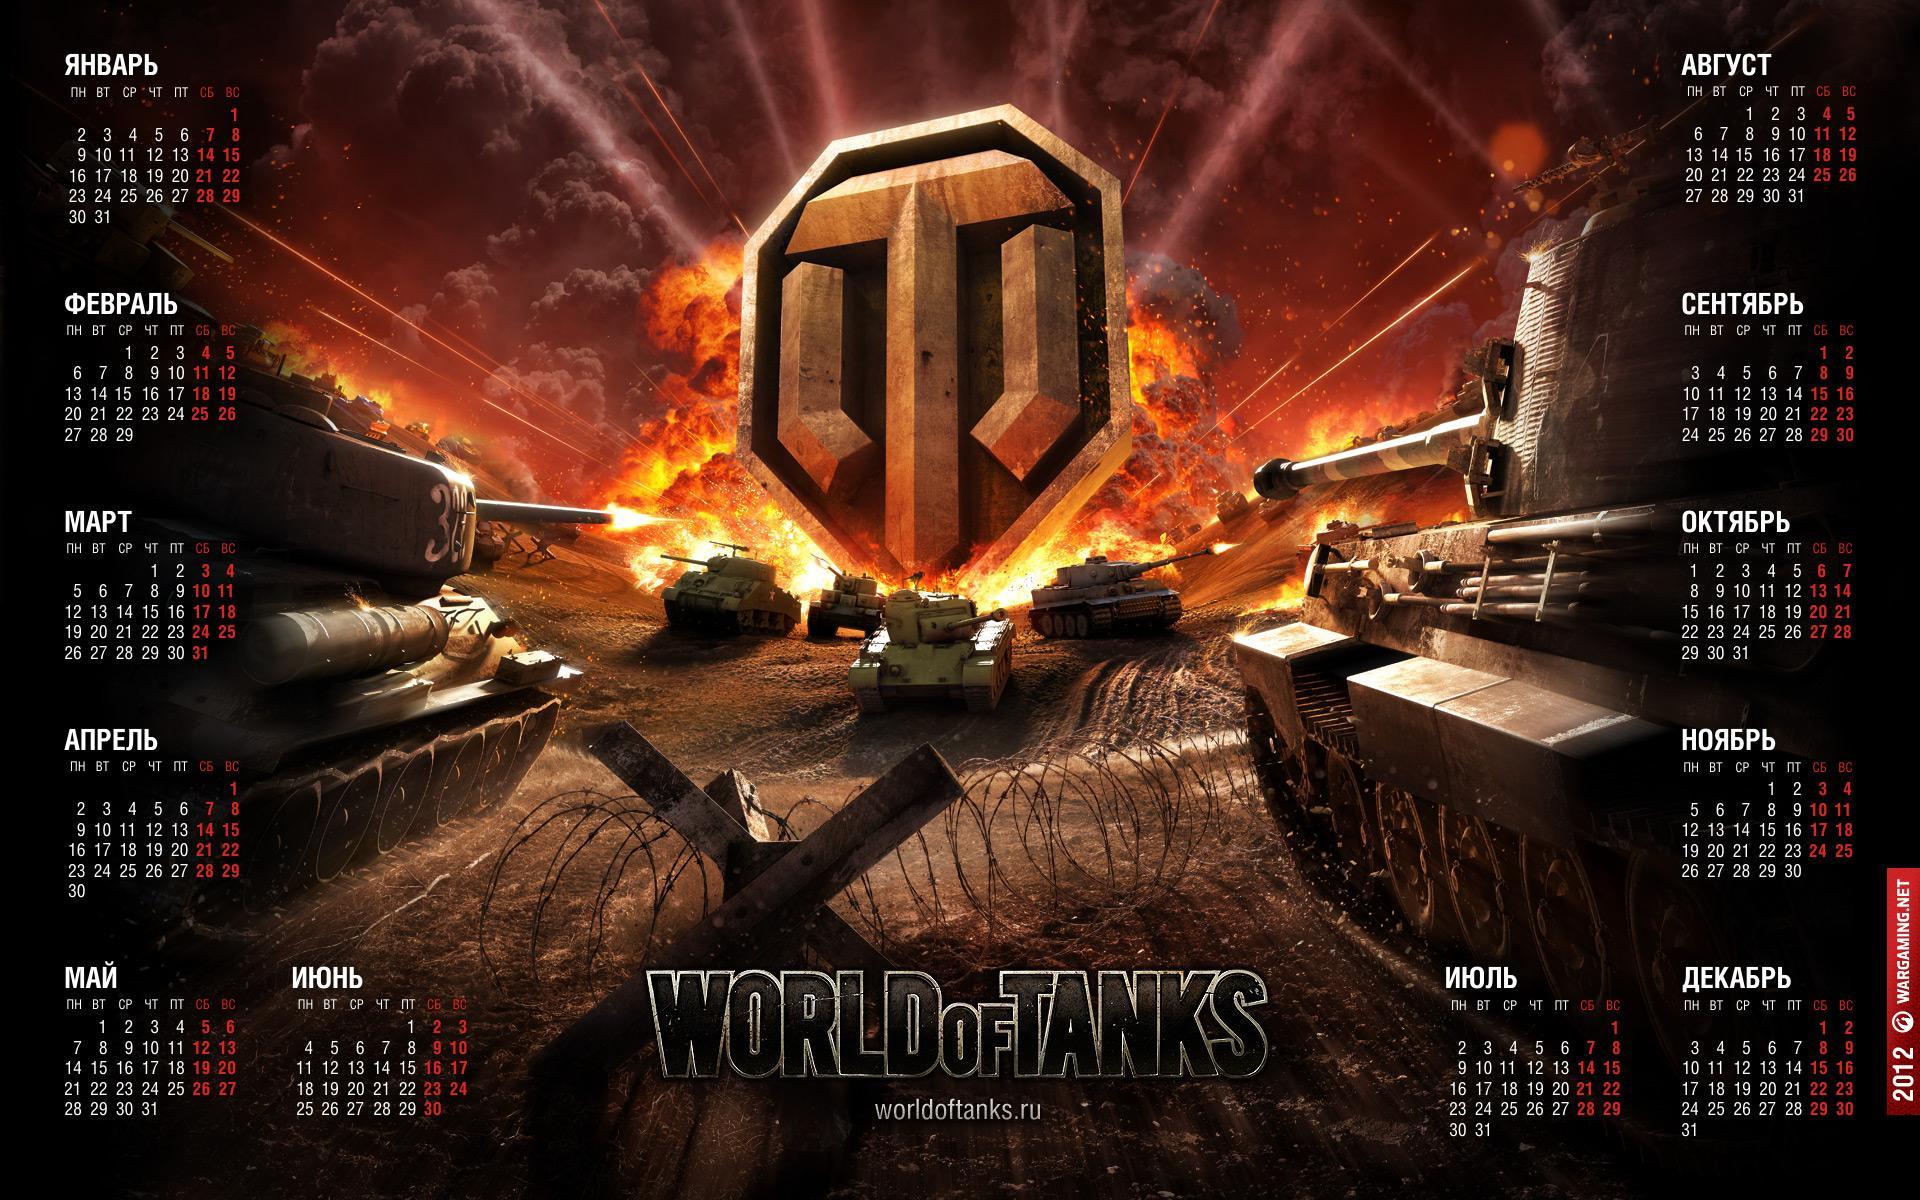 Скачать обои для рабочего стола танки world of tanks 11